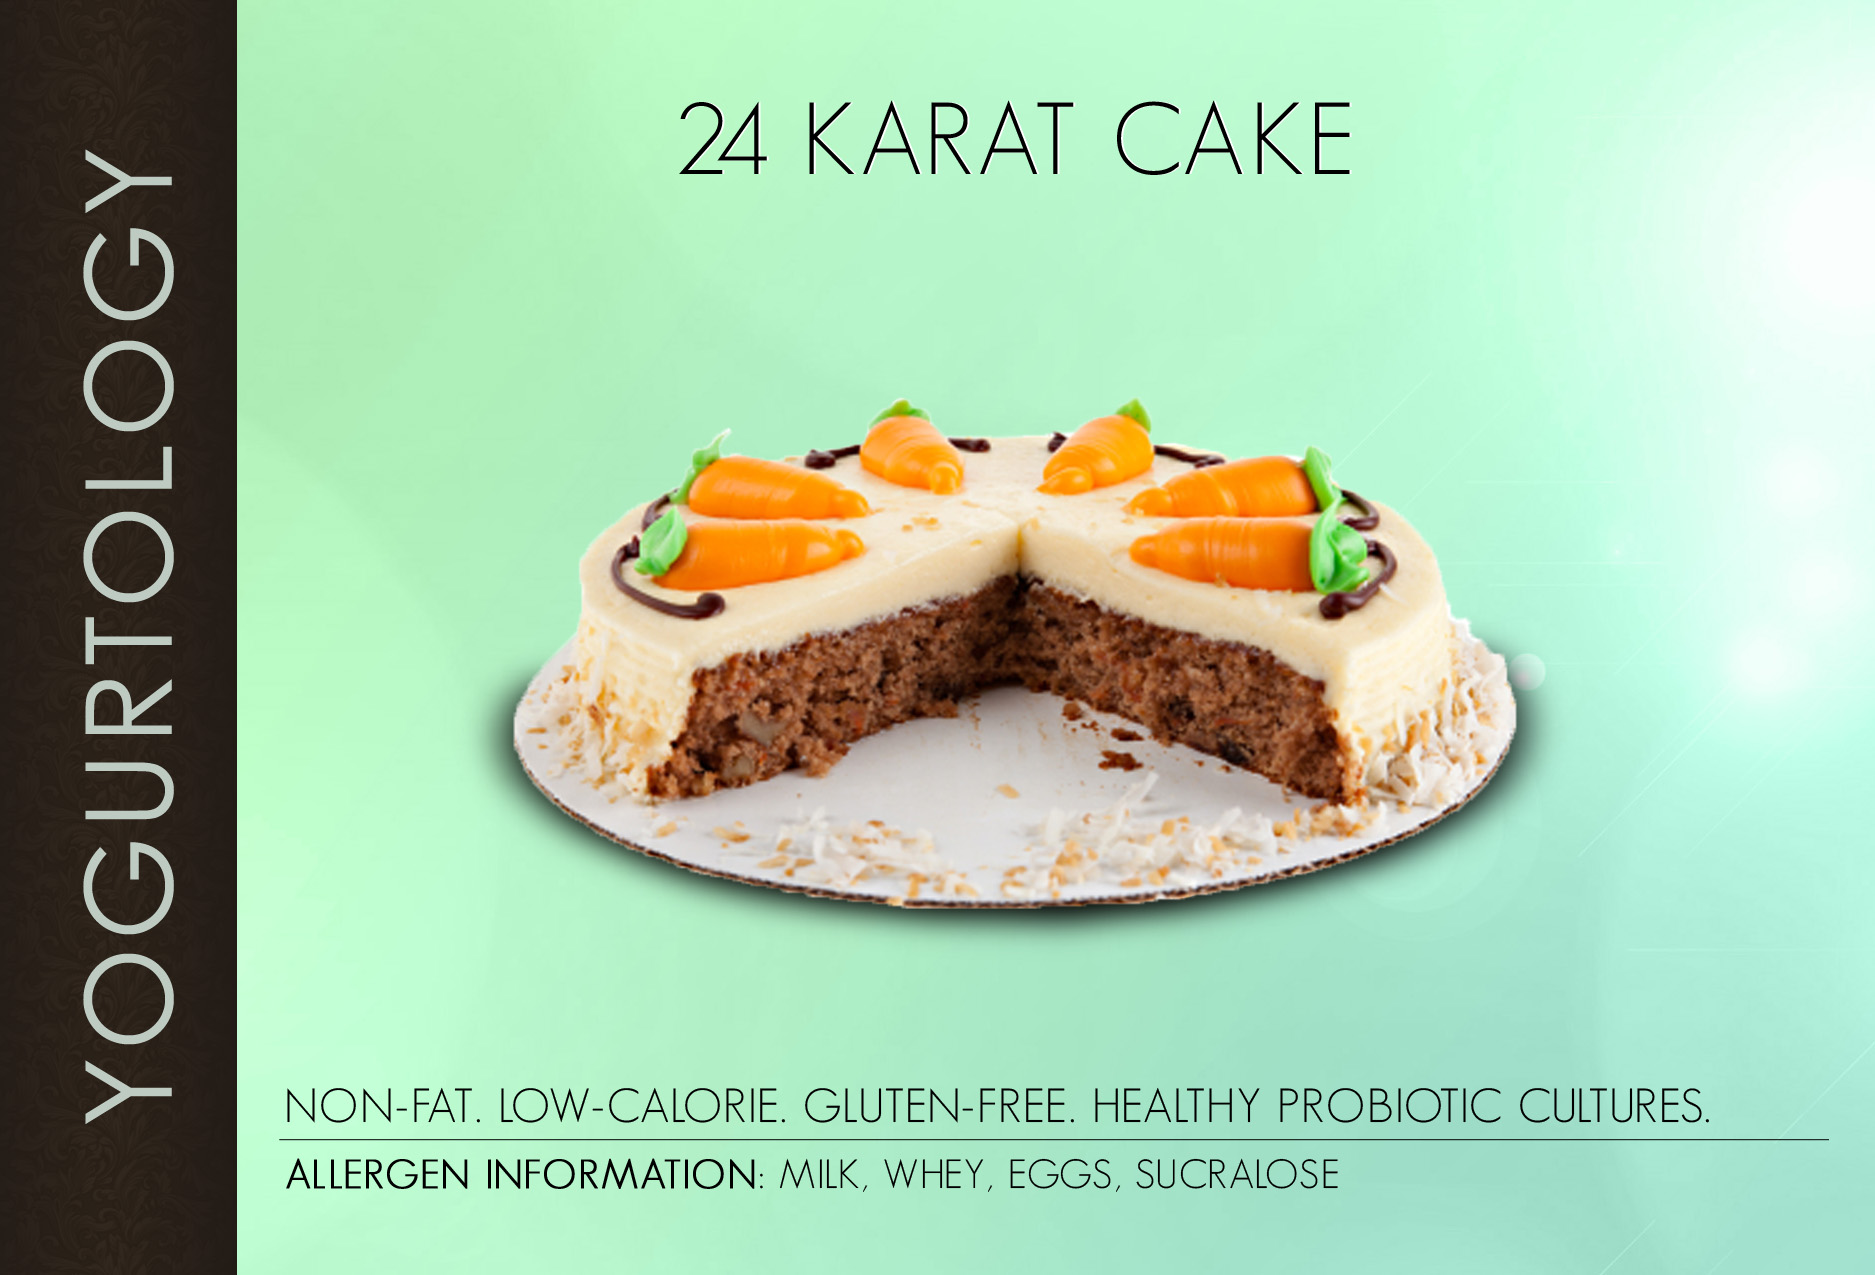 24 Karat Cake